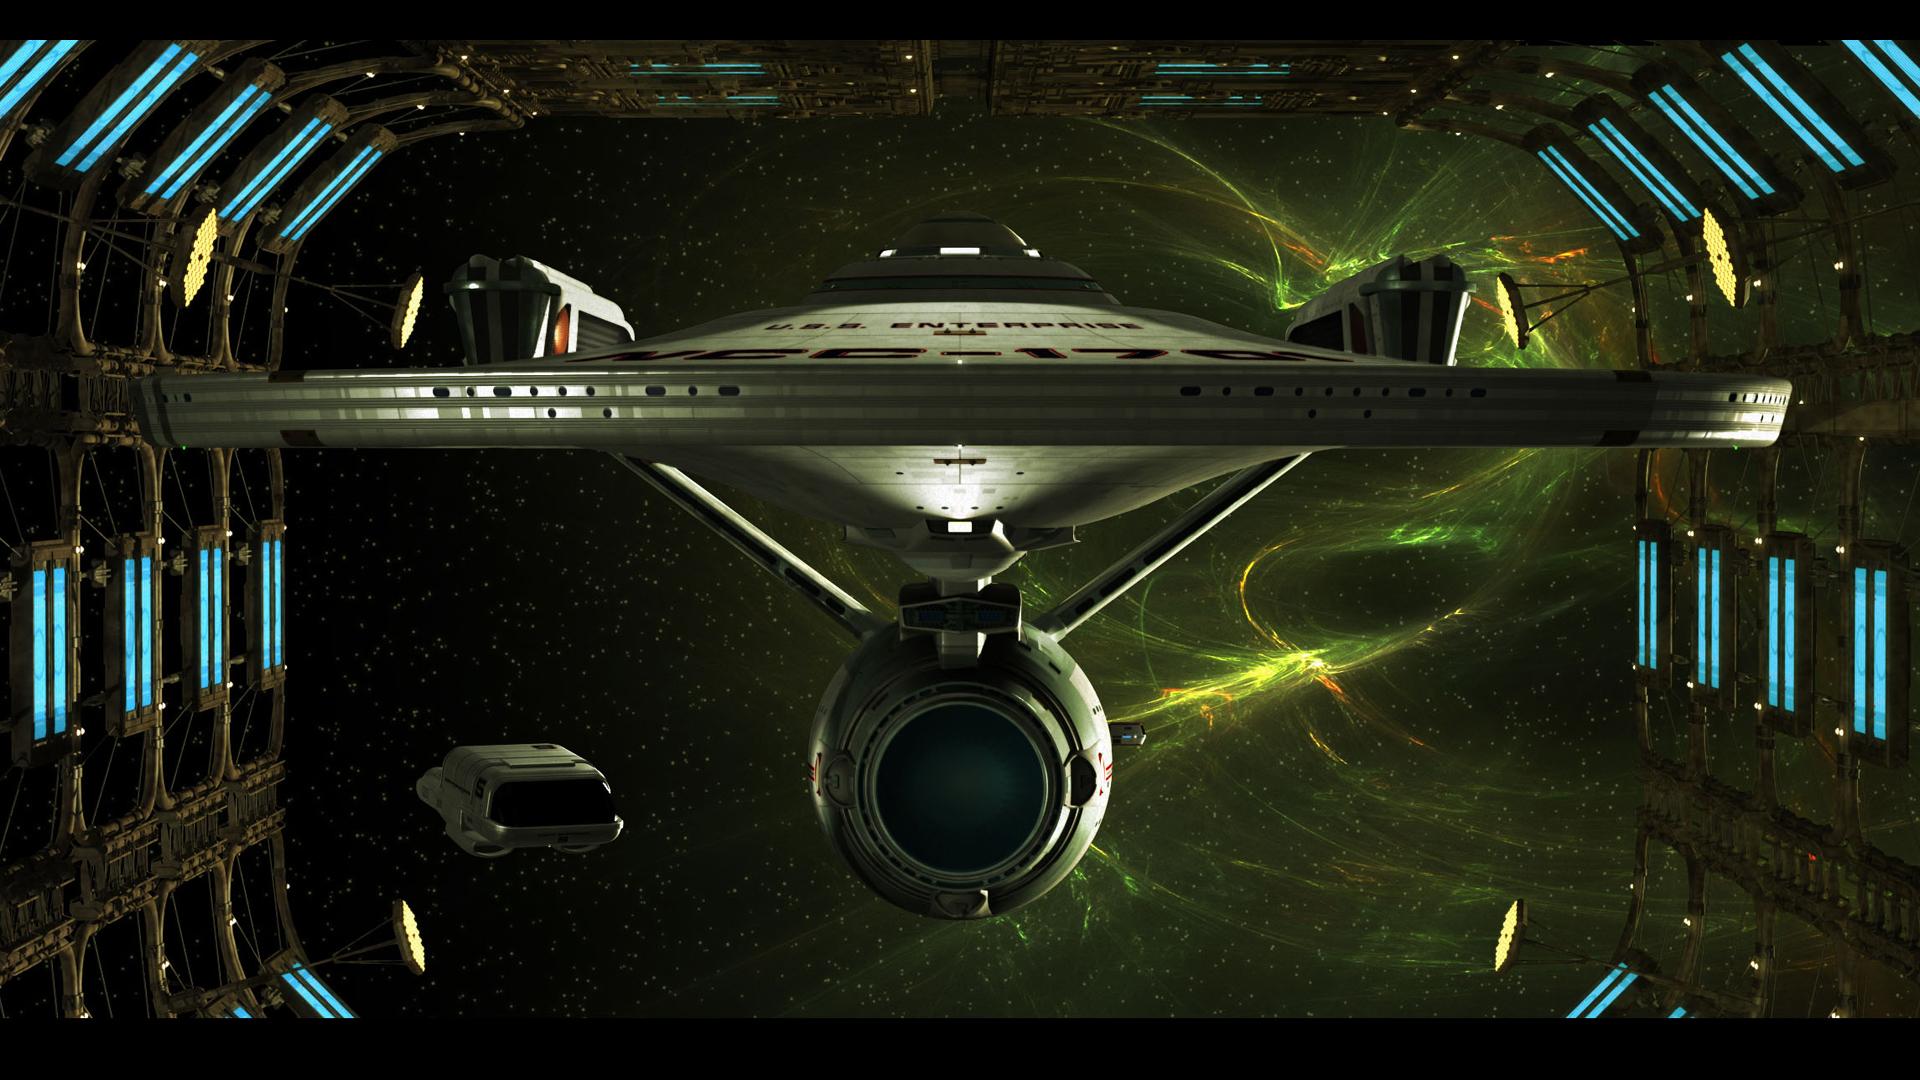 Star Trek Computer Wallpapers Desktop Backgrounds 1920x1080 ID 1920x1080